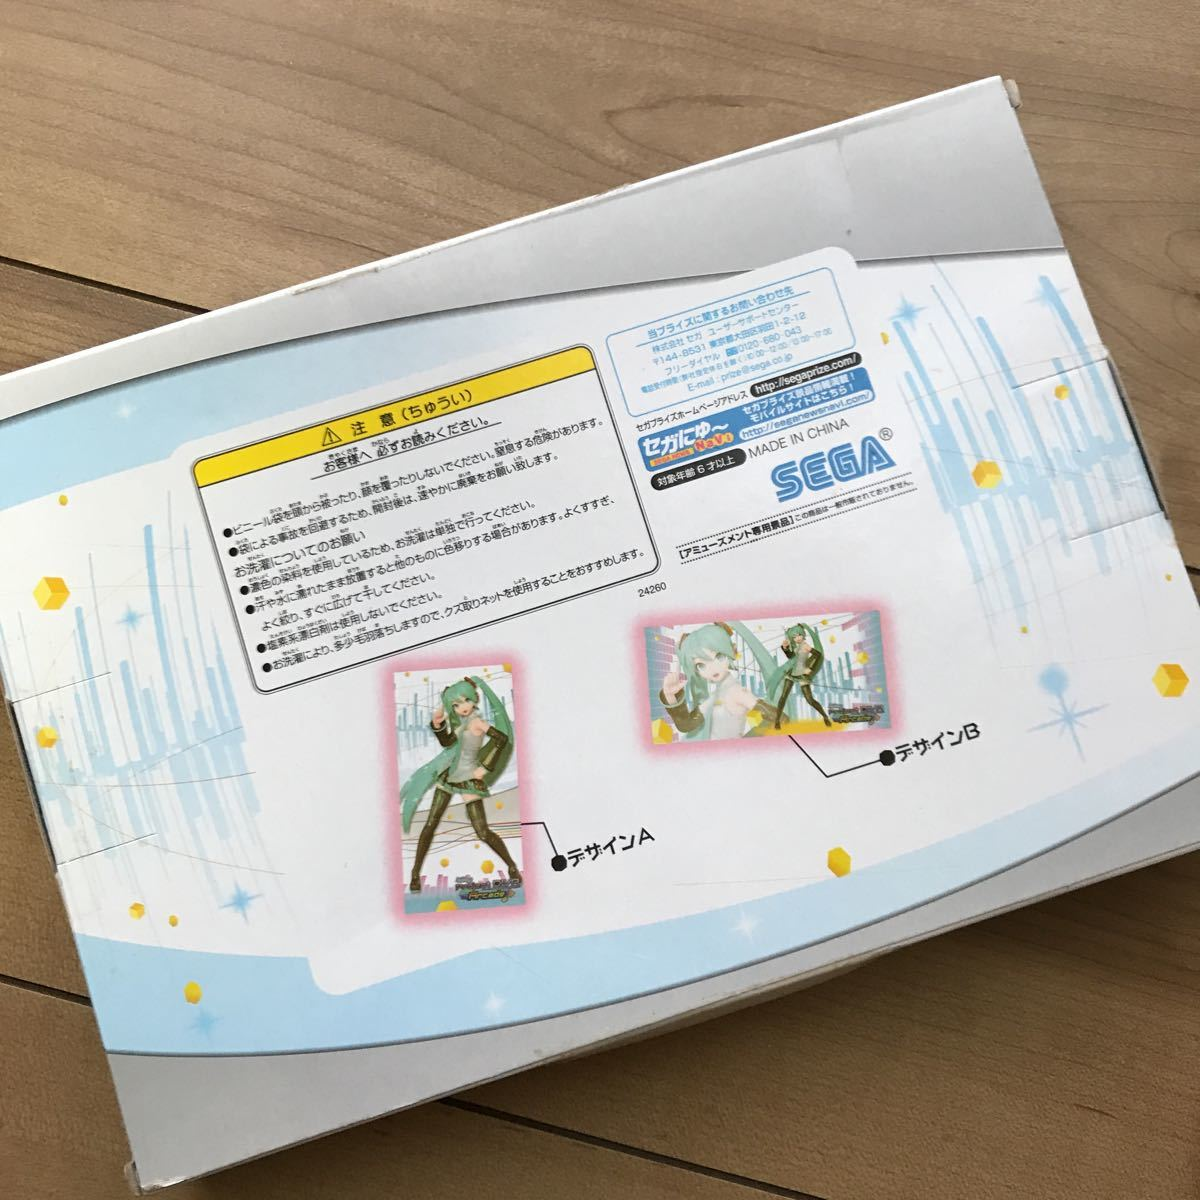 送料185円~ 非売品 初音ミク -Project DIVA- X プロジェクト ディーヴァ アーケード マイクロファイバー タオル デザインA_画像4